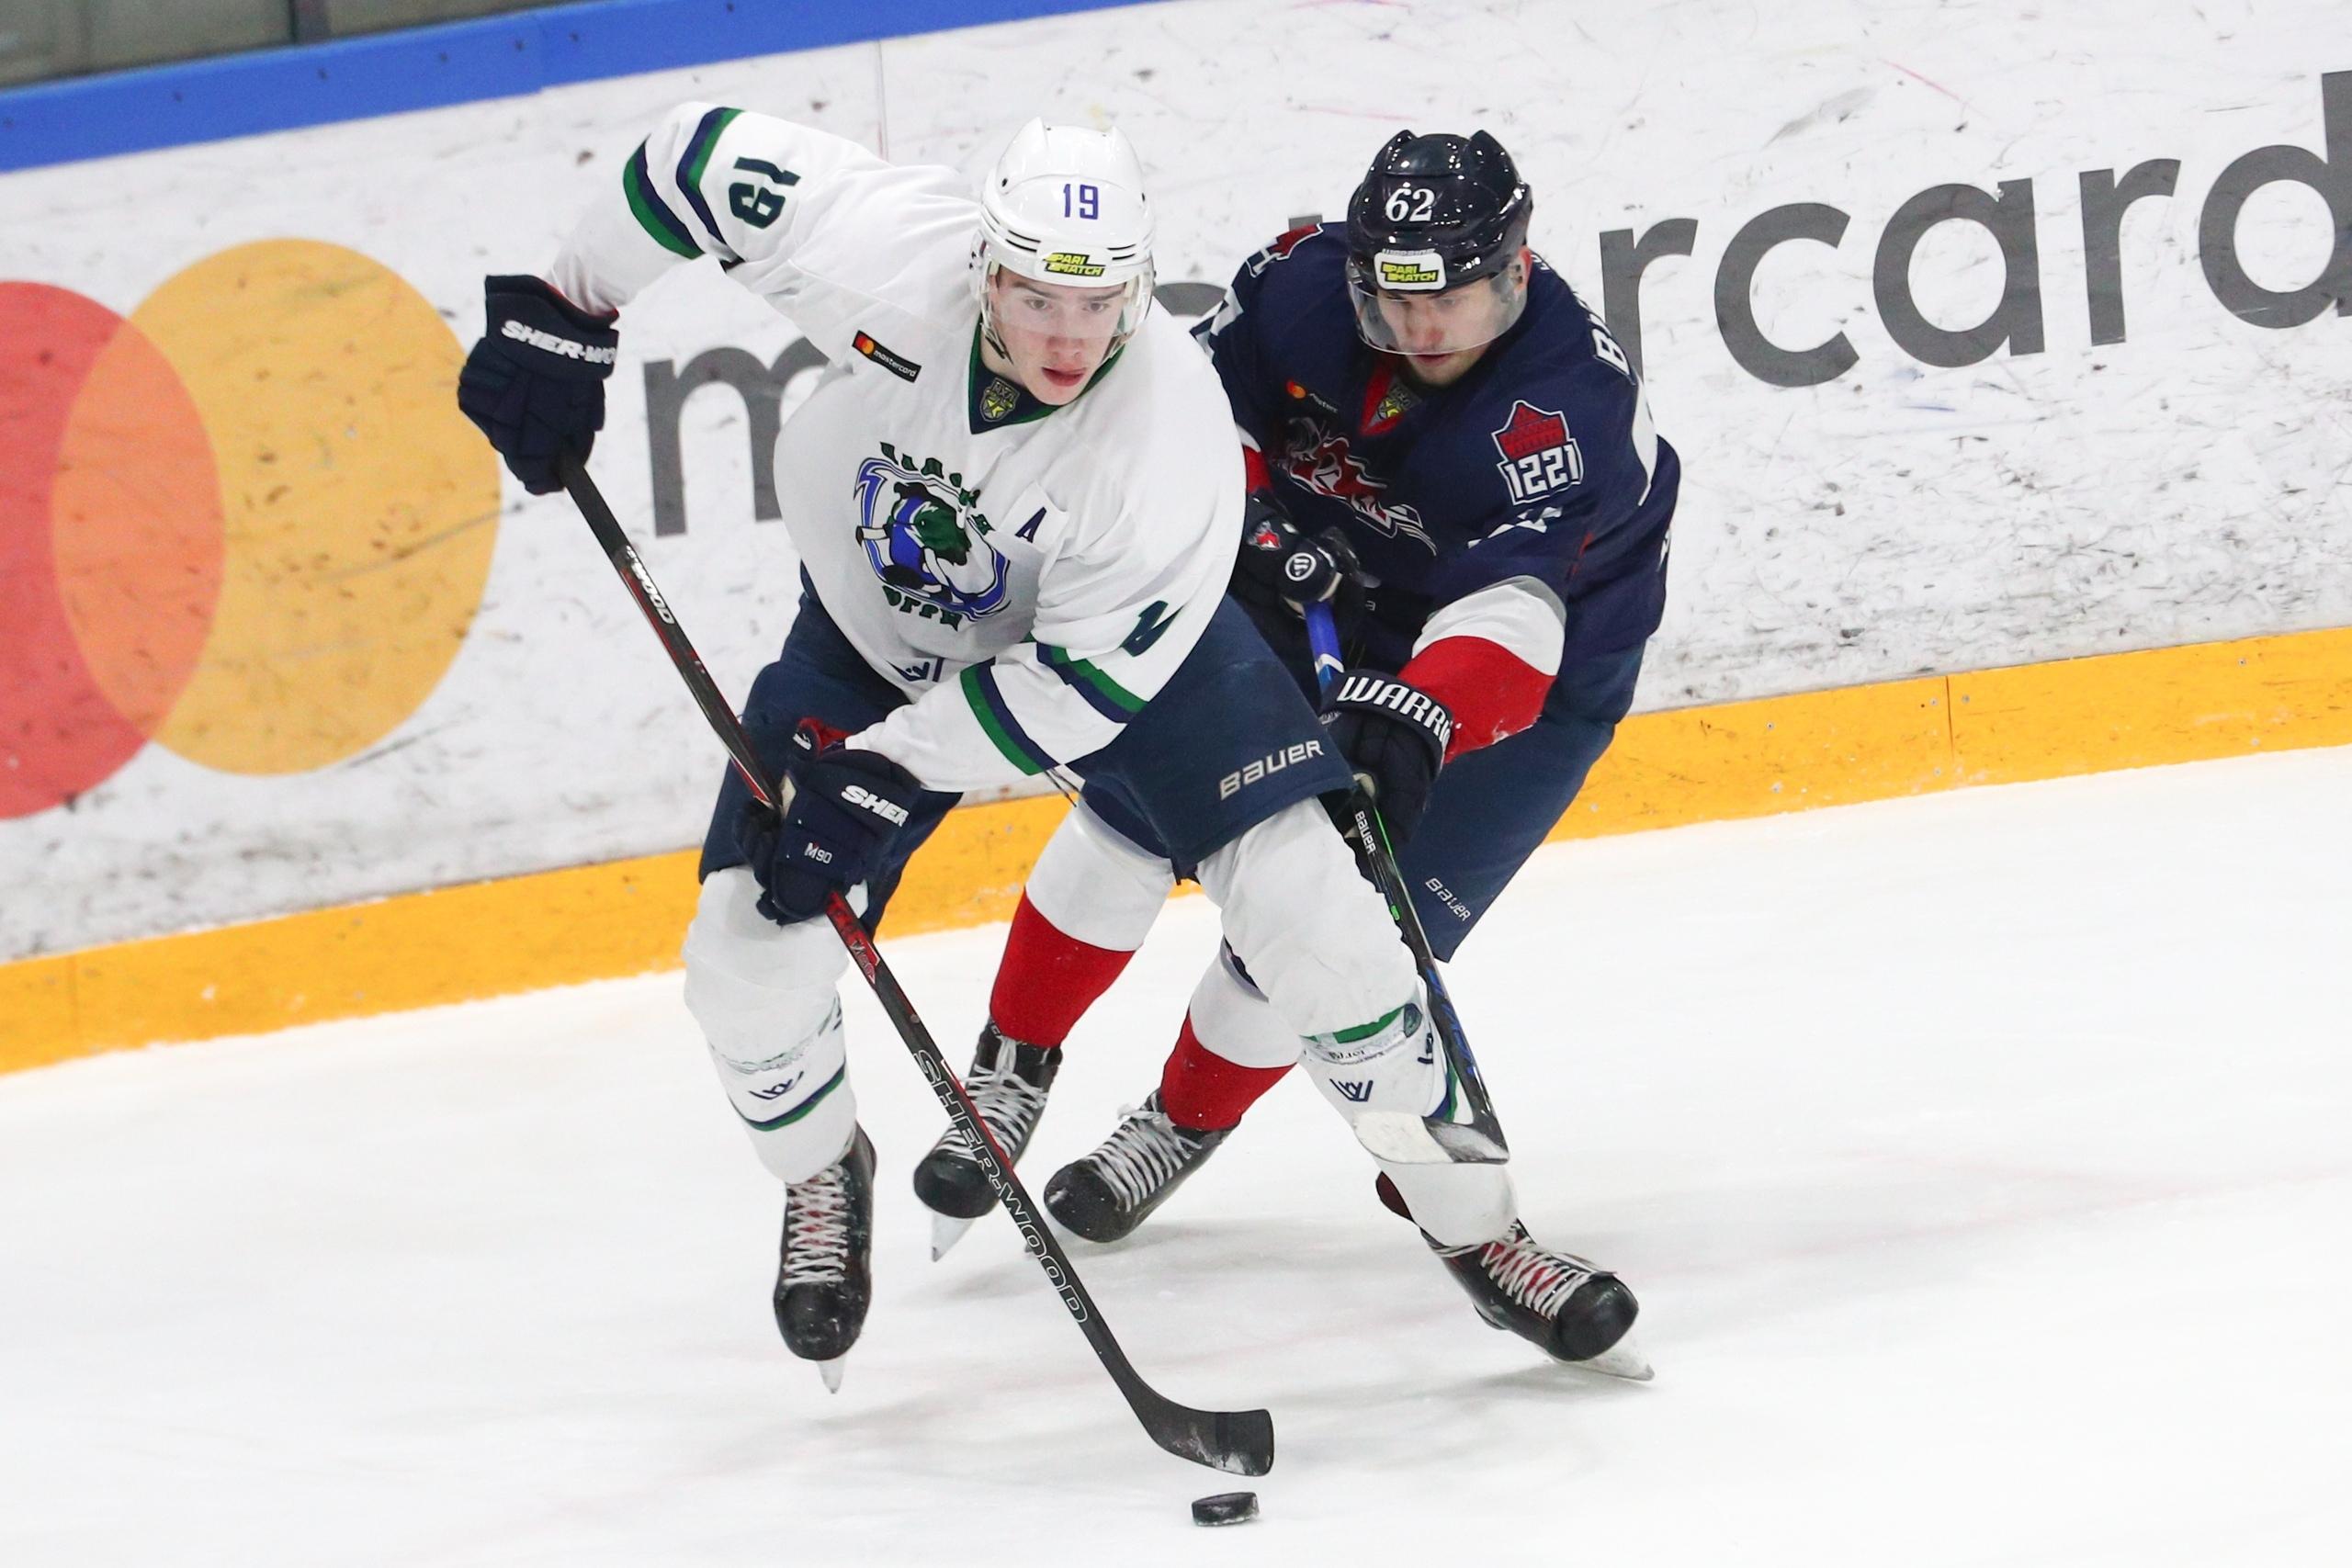 Ефим Быстров: Восточная конференция по интриге - как НХЛ!